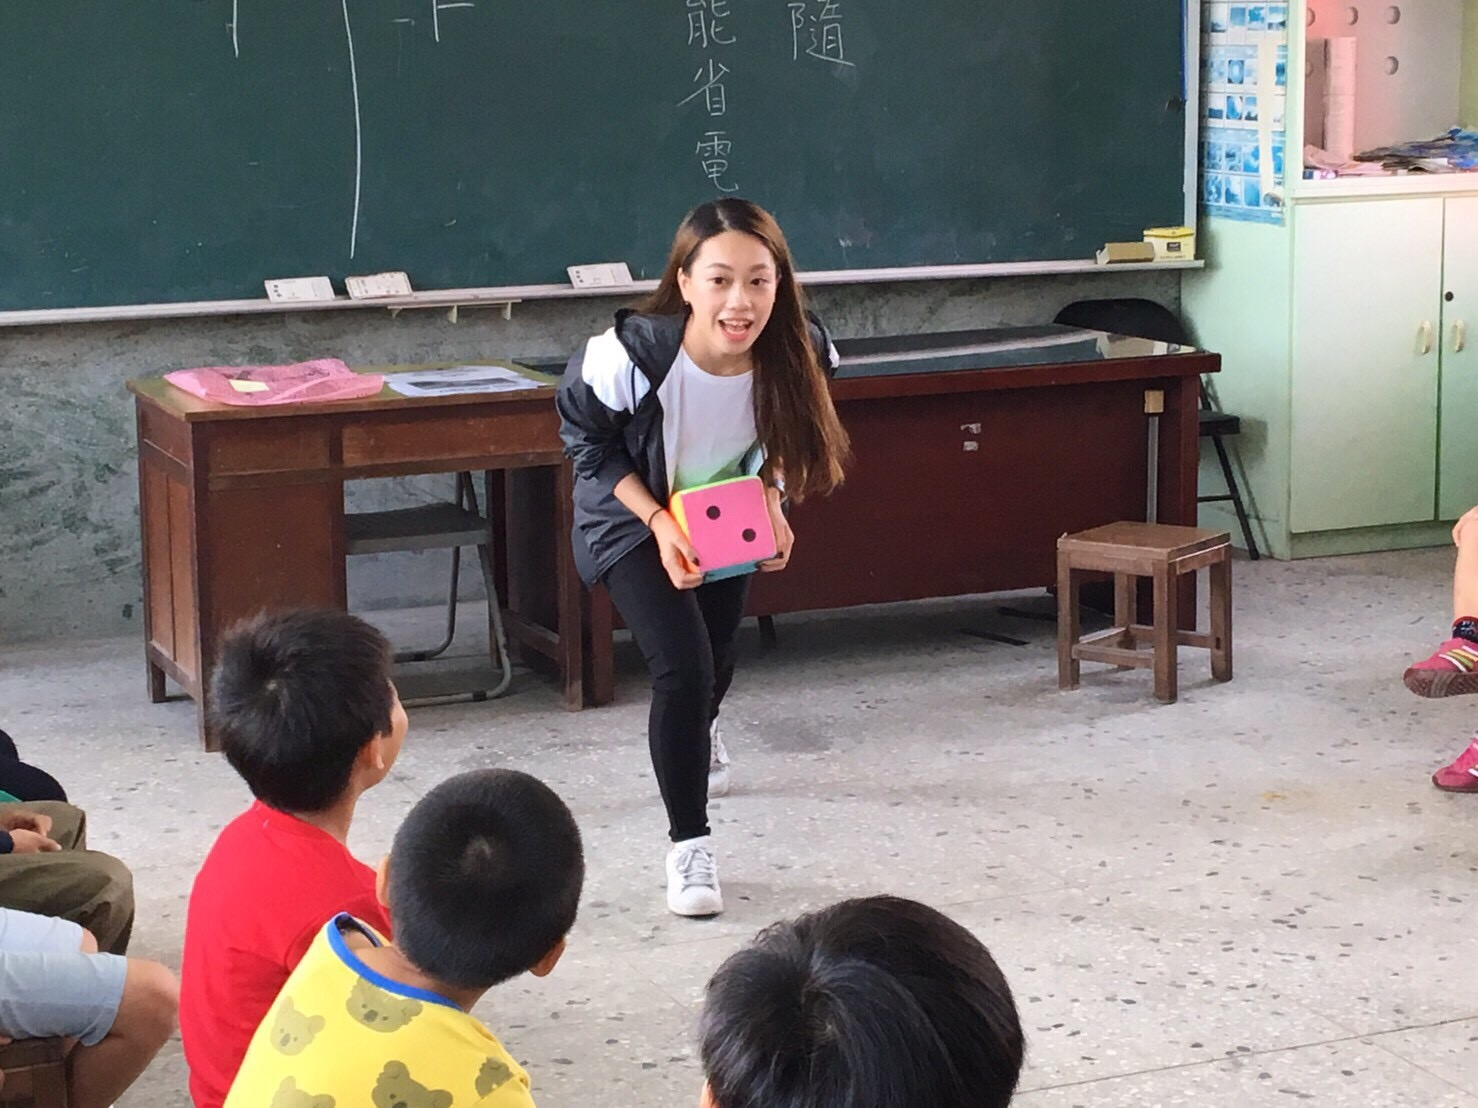 大手攜小手共創英語學習新契機, 湖內區英語繪本親子共讀展成果-校園新聞